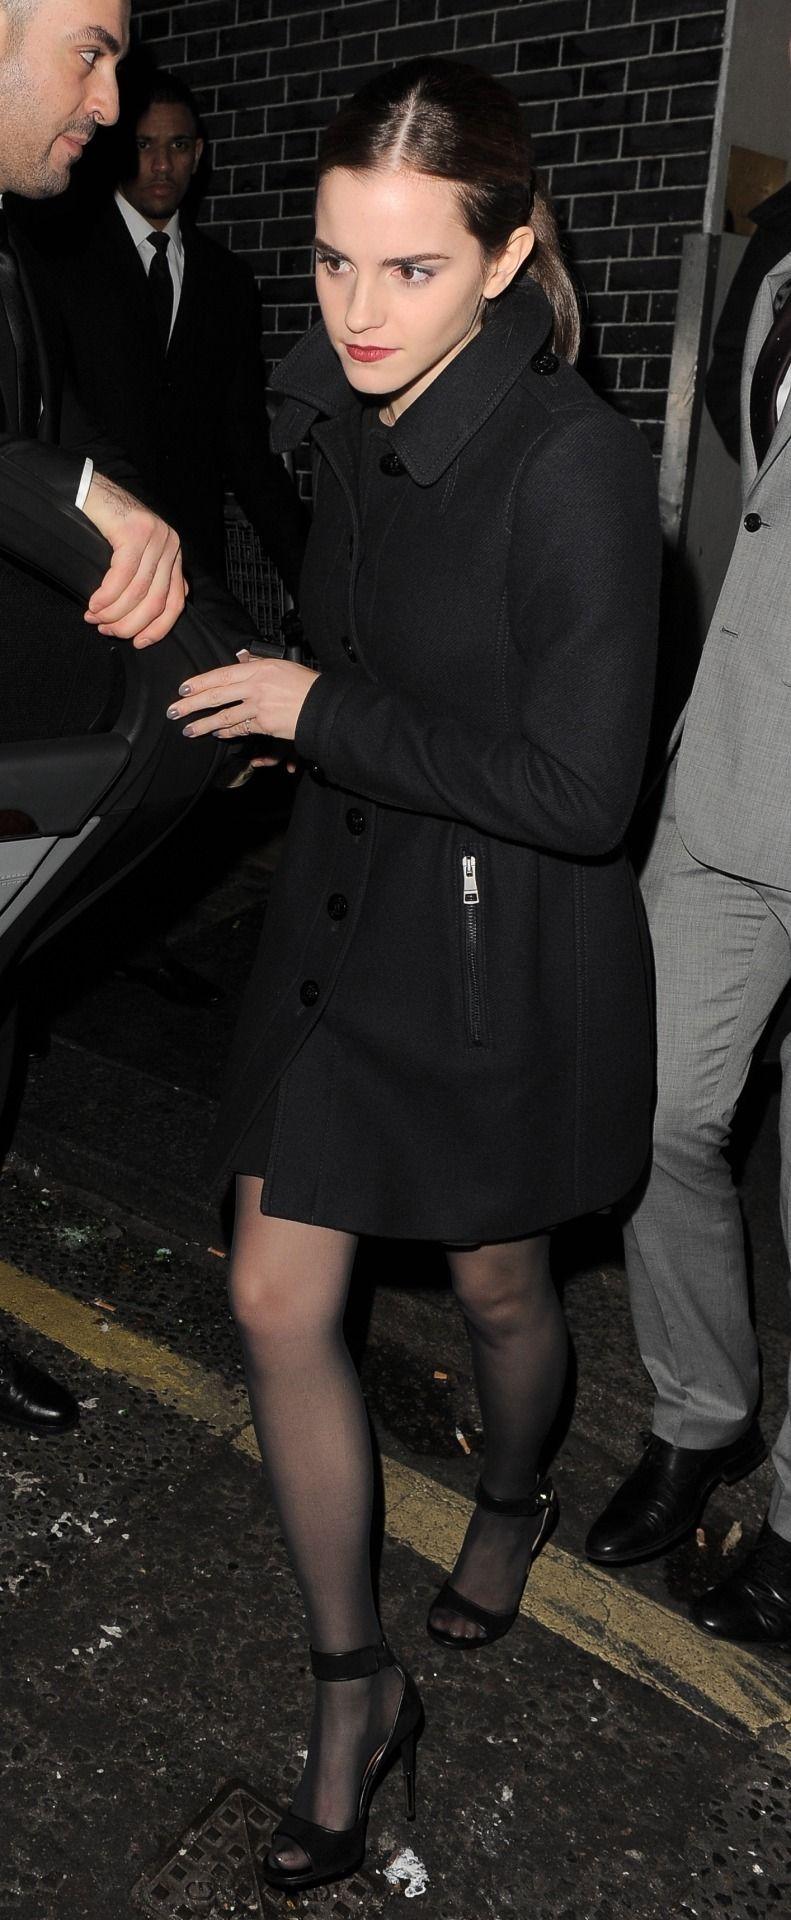 Stockings emma watson Emma Watson